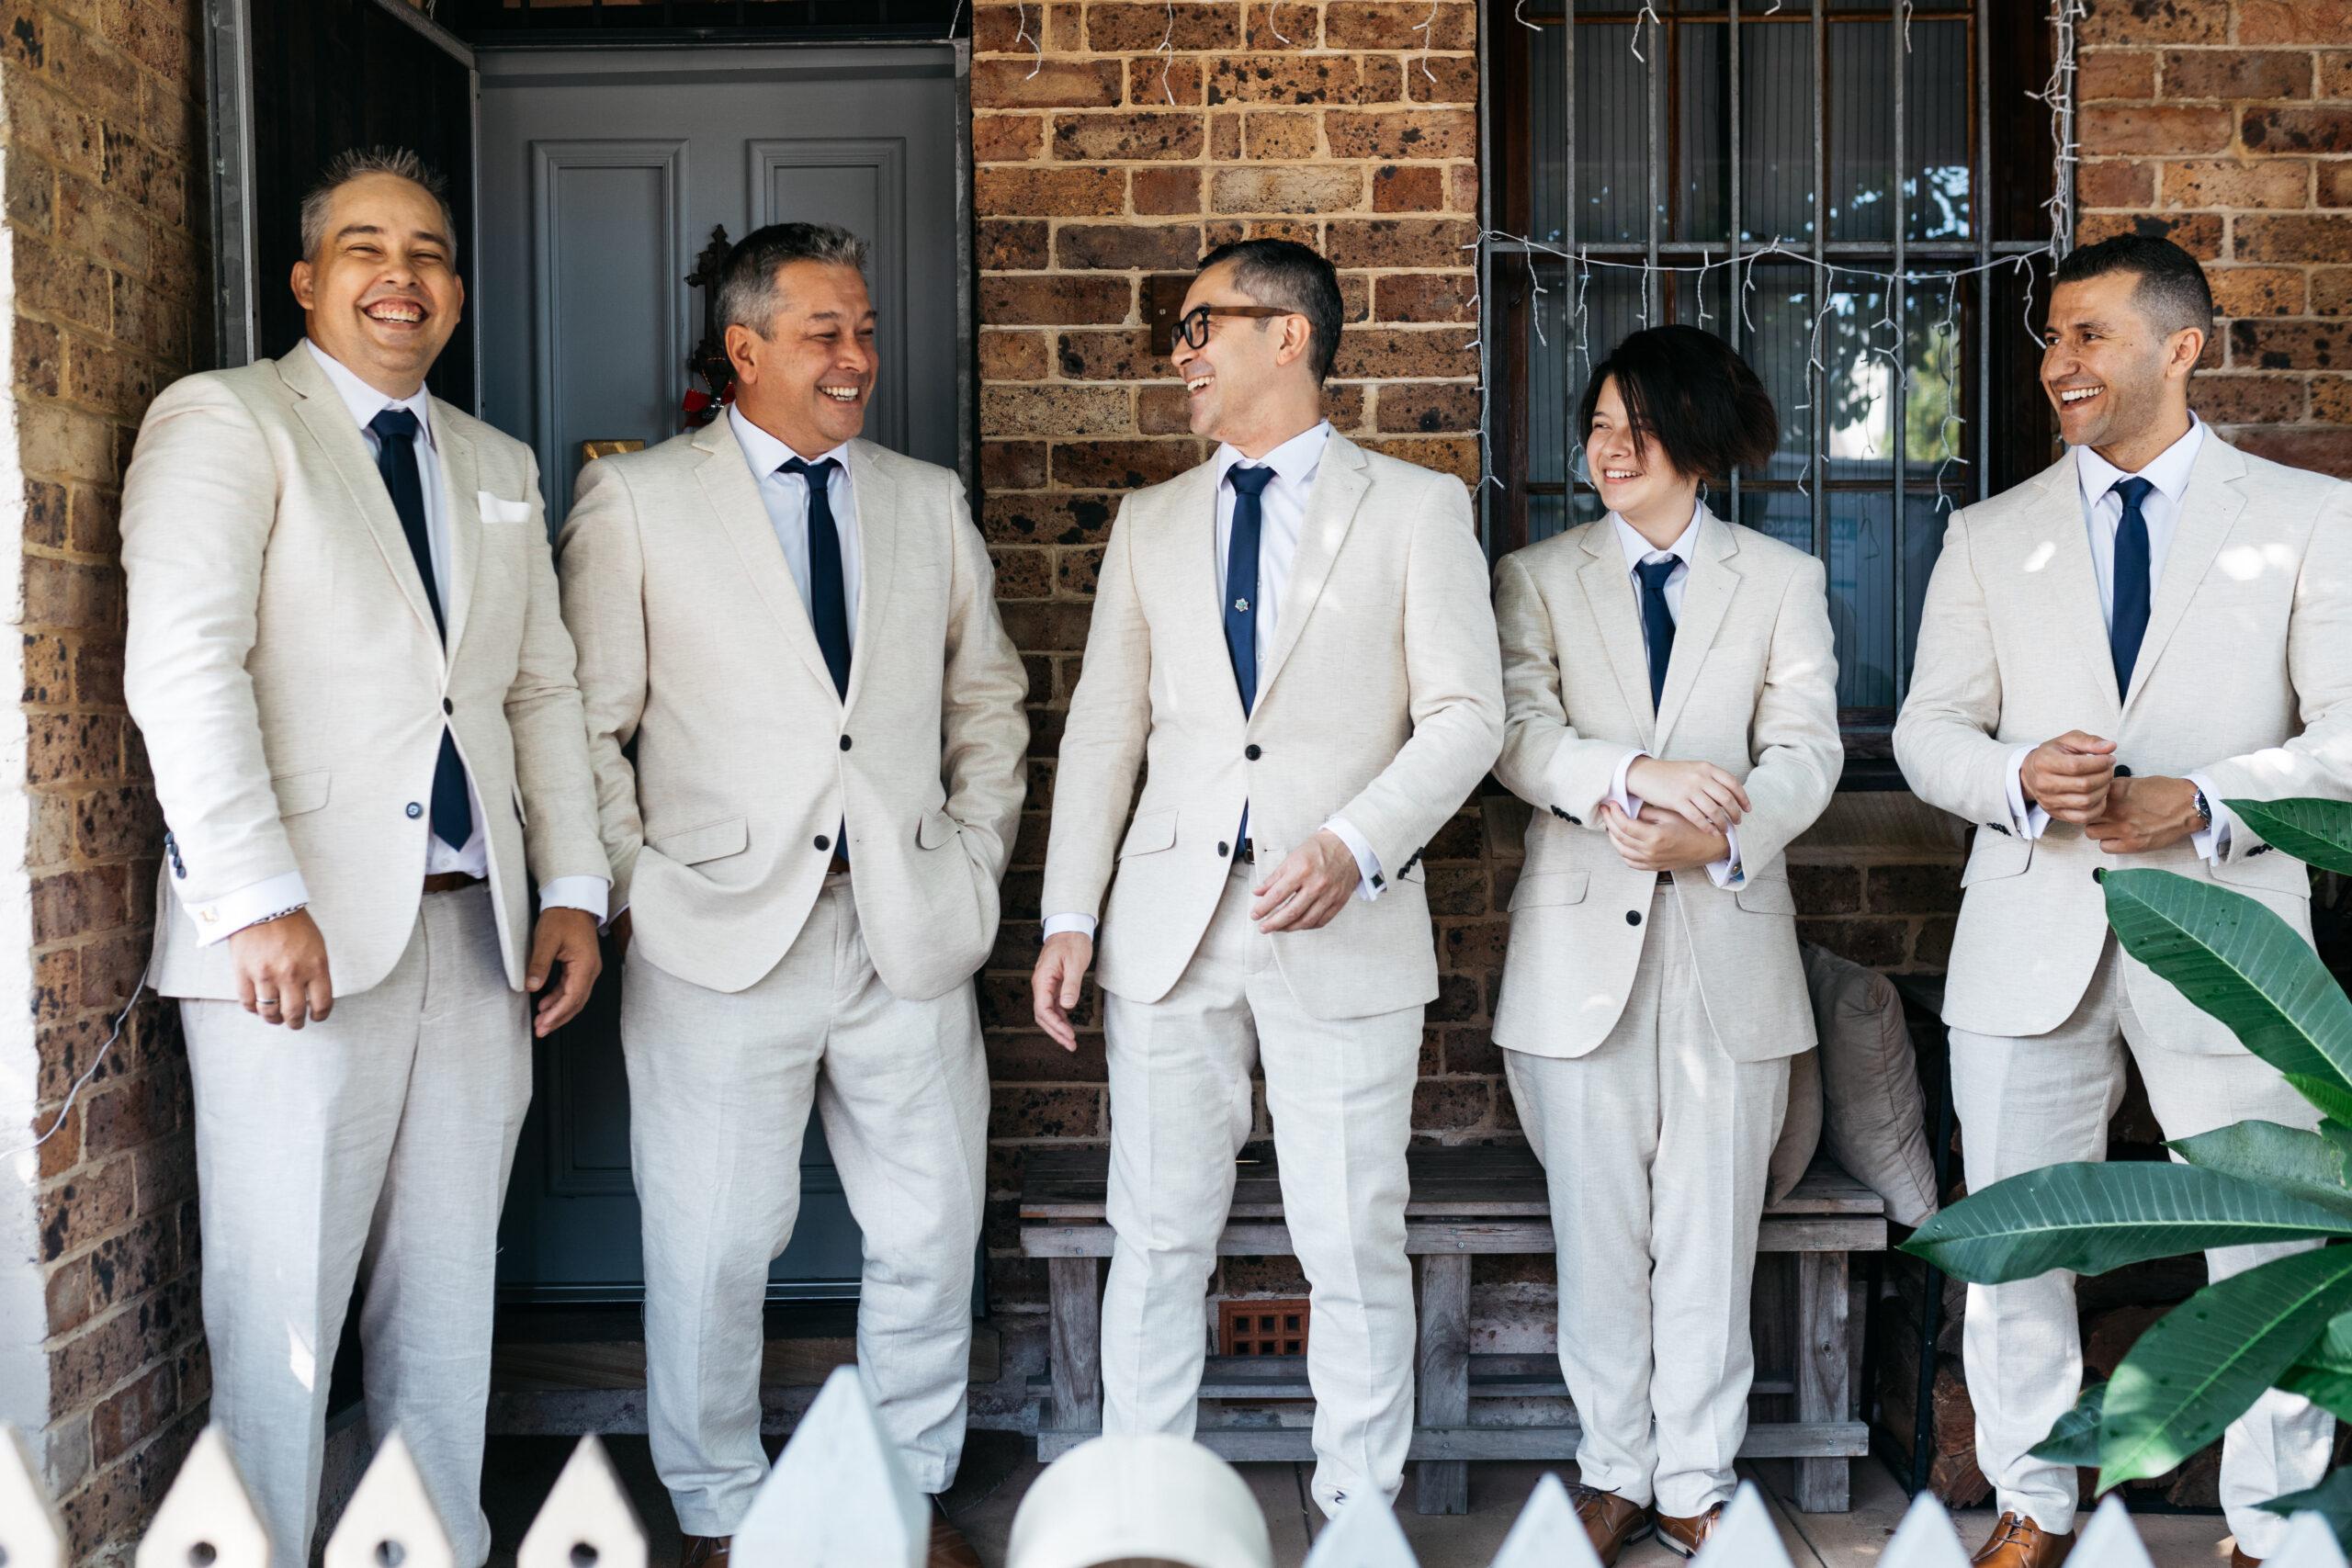 happy groomsmen | wedding | Tumbleweed Events